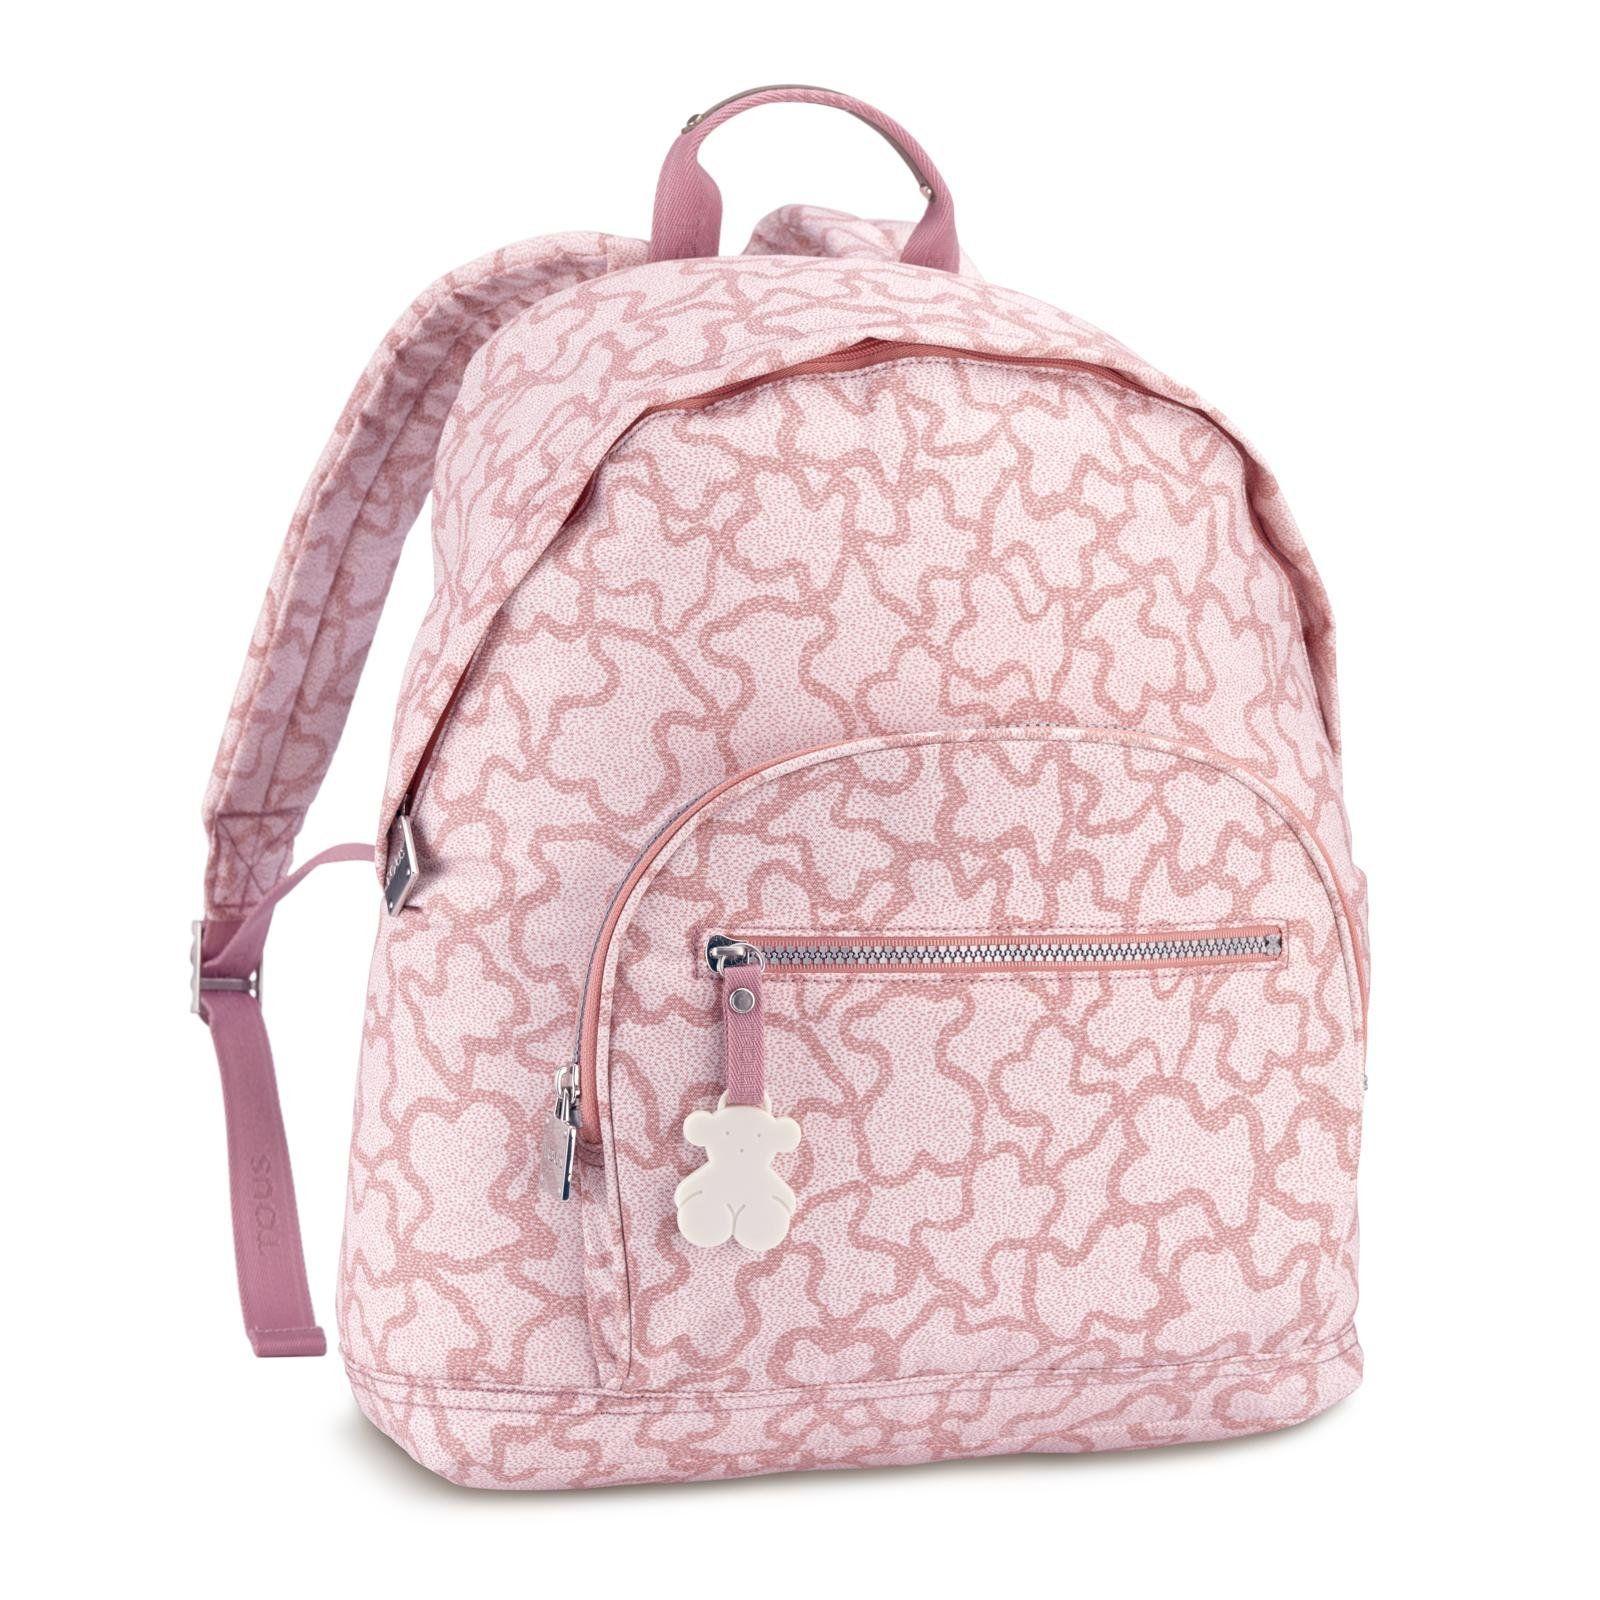 mejor selección 9d2a3 5ccb1 TOUS Kaos New Colores backpack   T o u s   Bolsos, Bolsos ...